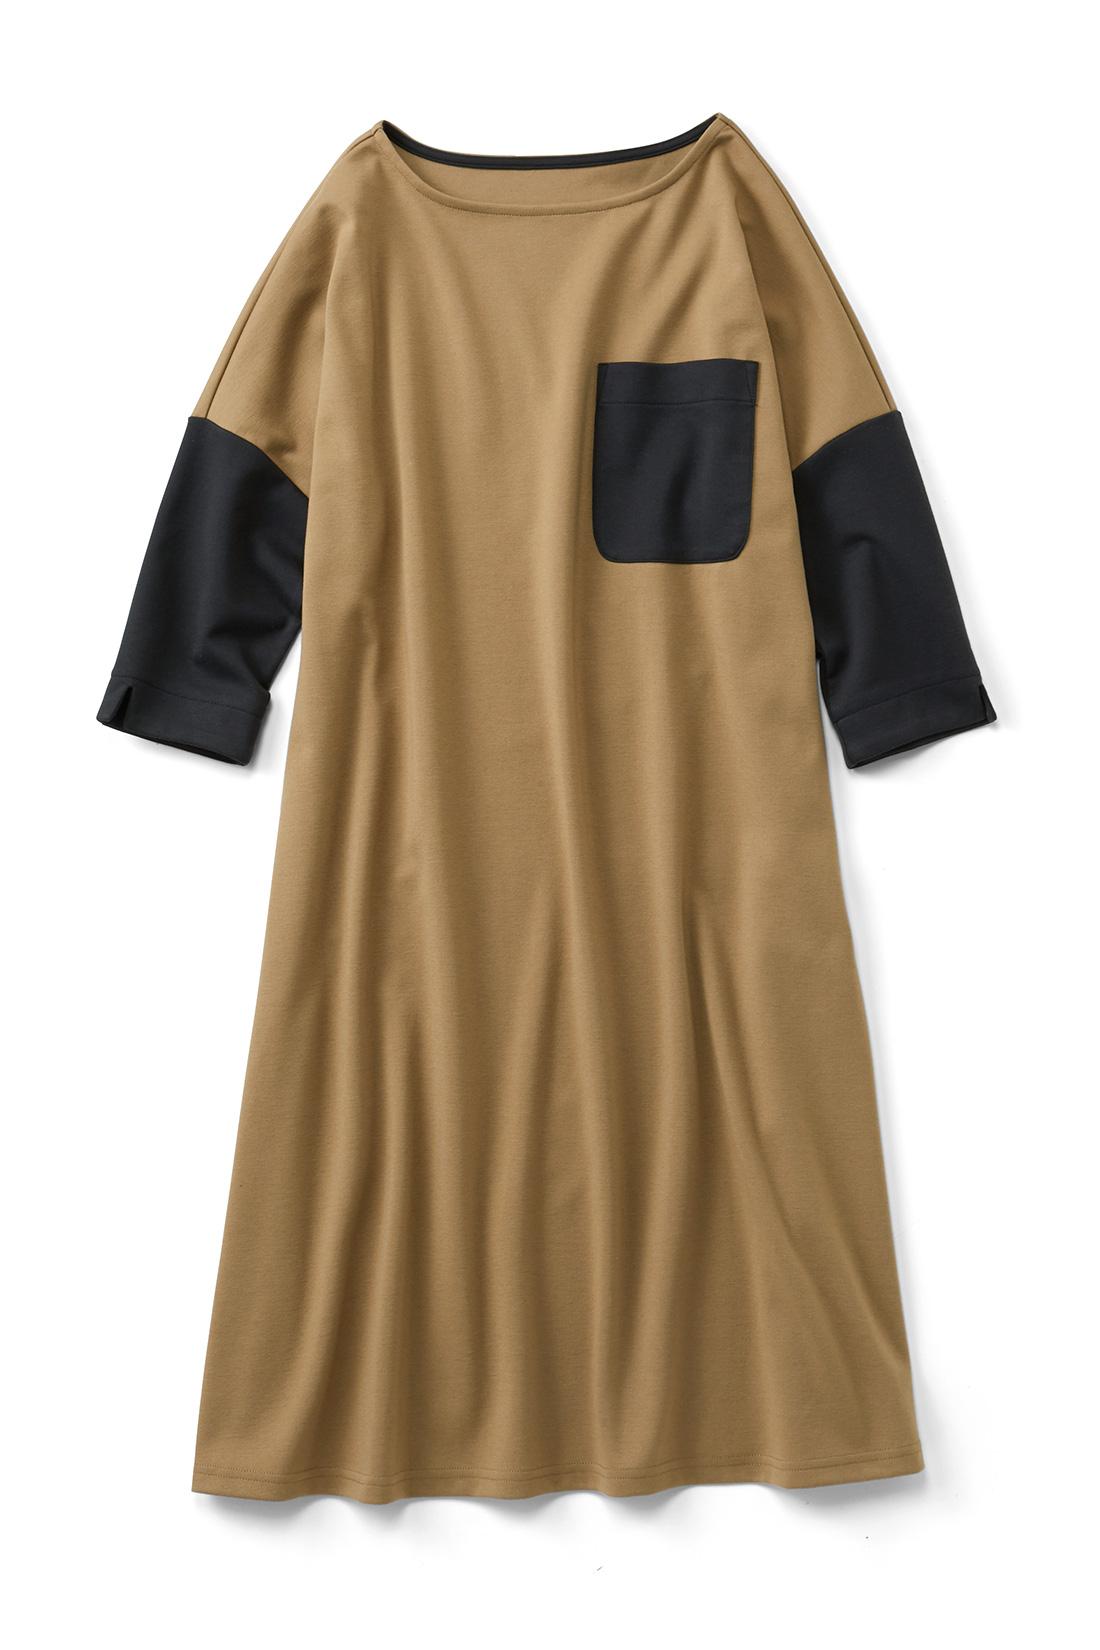 【ベージュ】大きなポケットがインパクト大。ワイドシルエットだけど着ると、すとんと落ちてかわいいの。